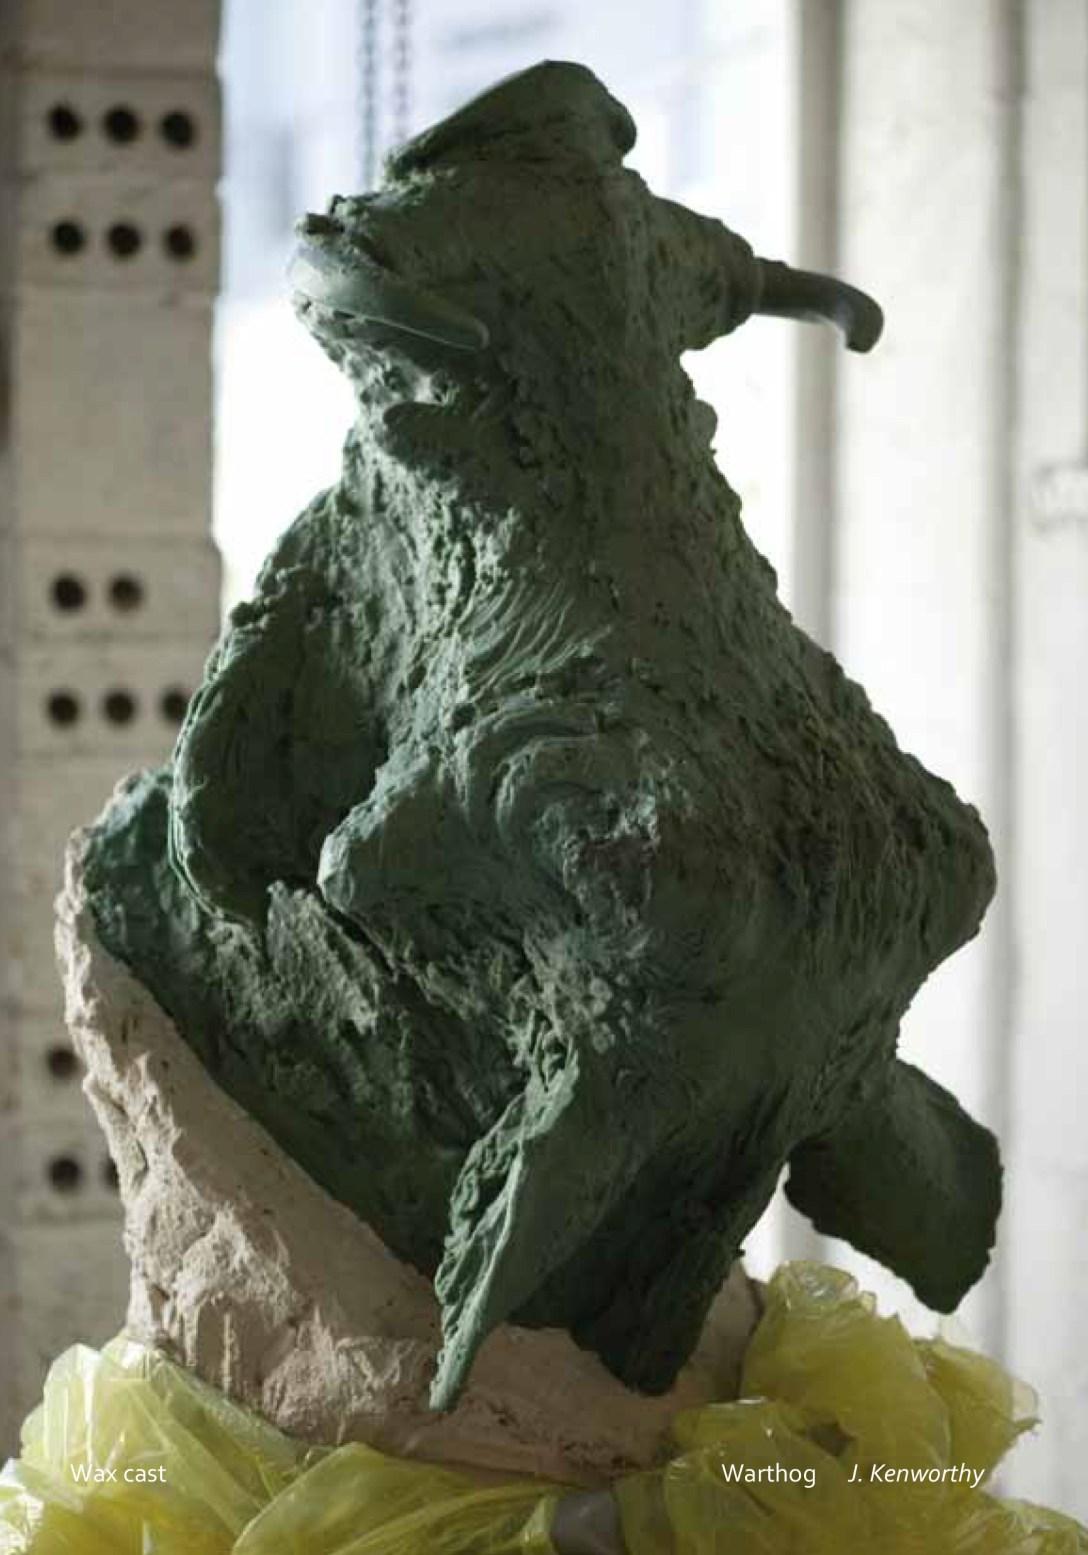 Jonathan Kenworthy 'Sculpture' Warthog during 'lost wax' process at Pangolin Editions